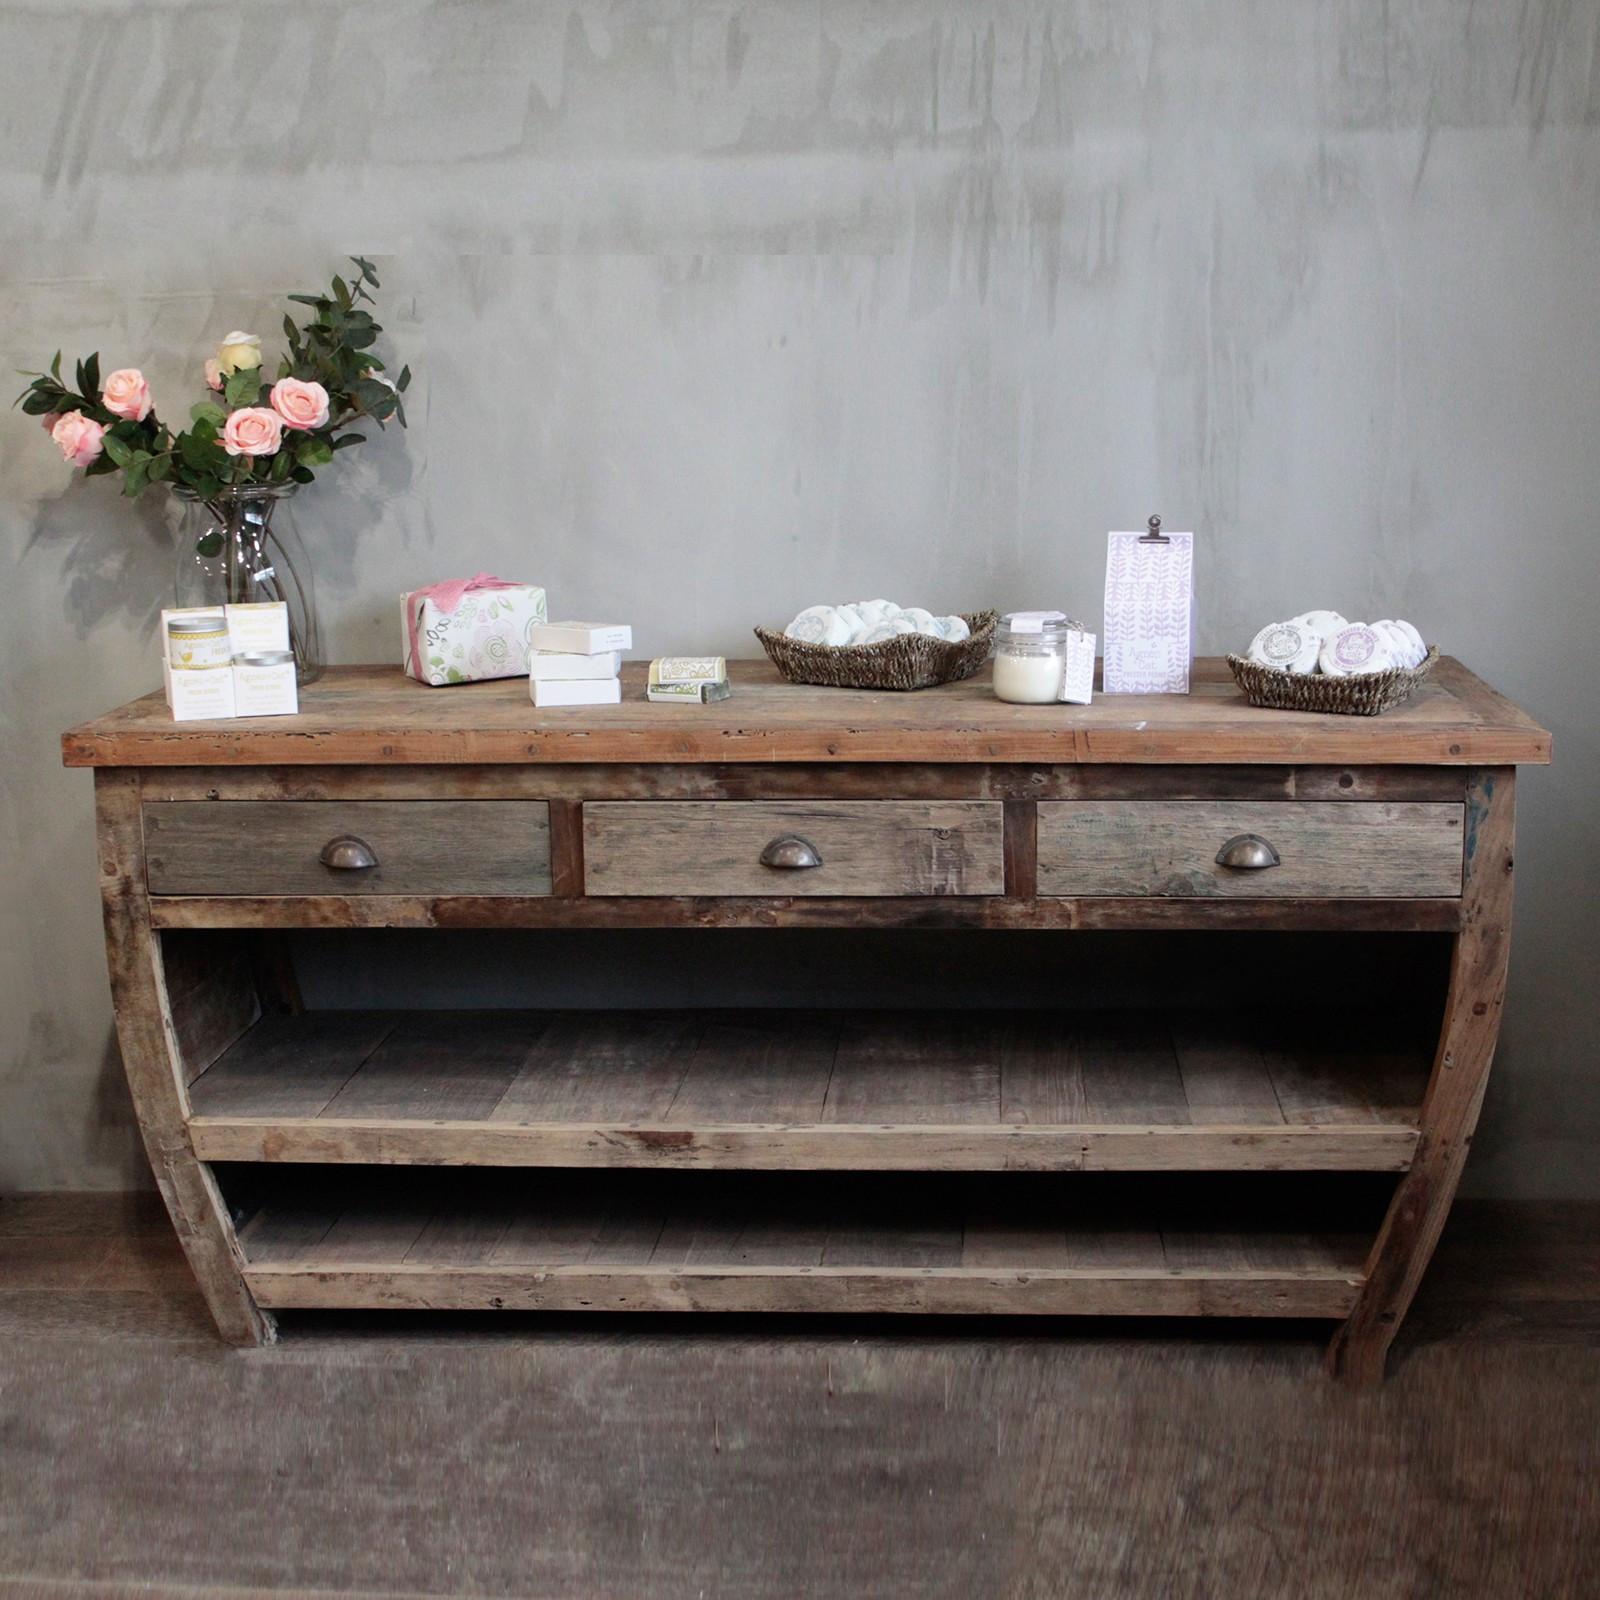 Stůl z recyklovaného dřeva - BALI - 180x60x80cm - ruční výroba